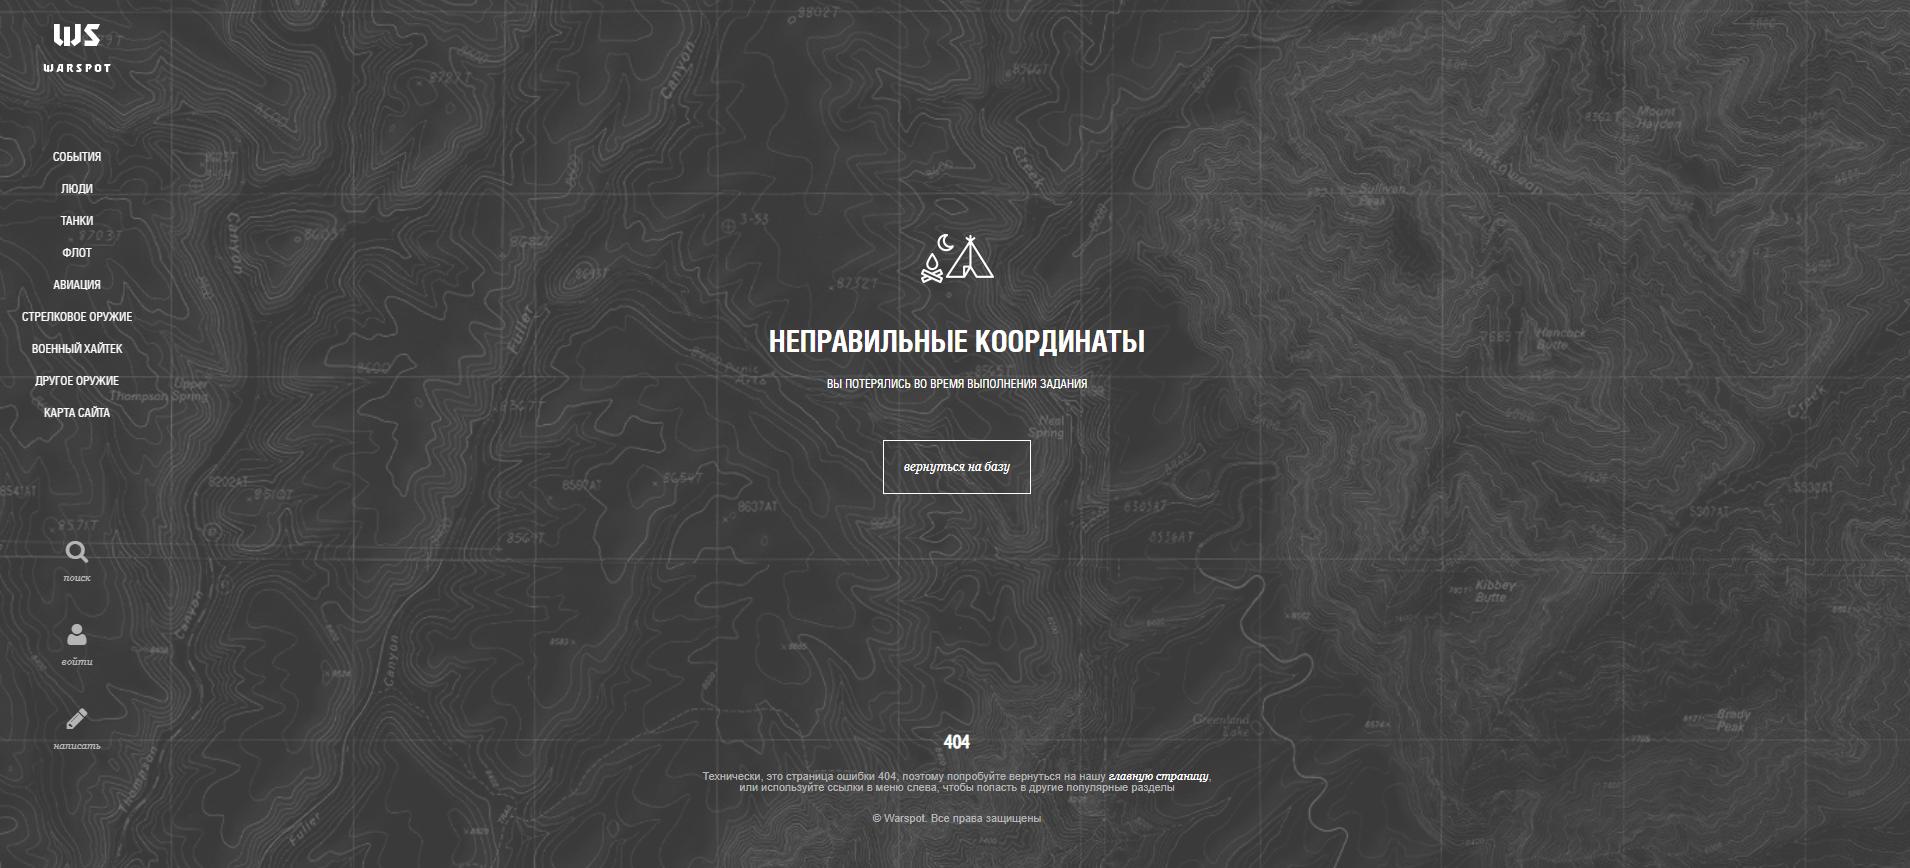 Матеріал видалено з сайту